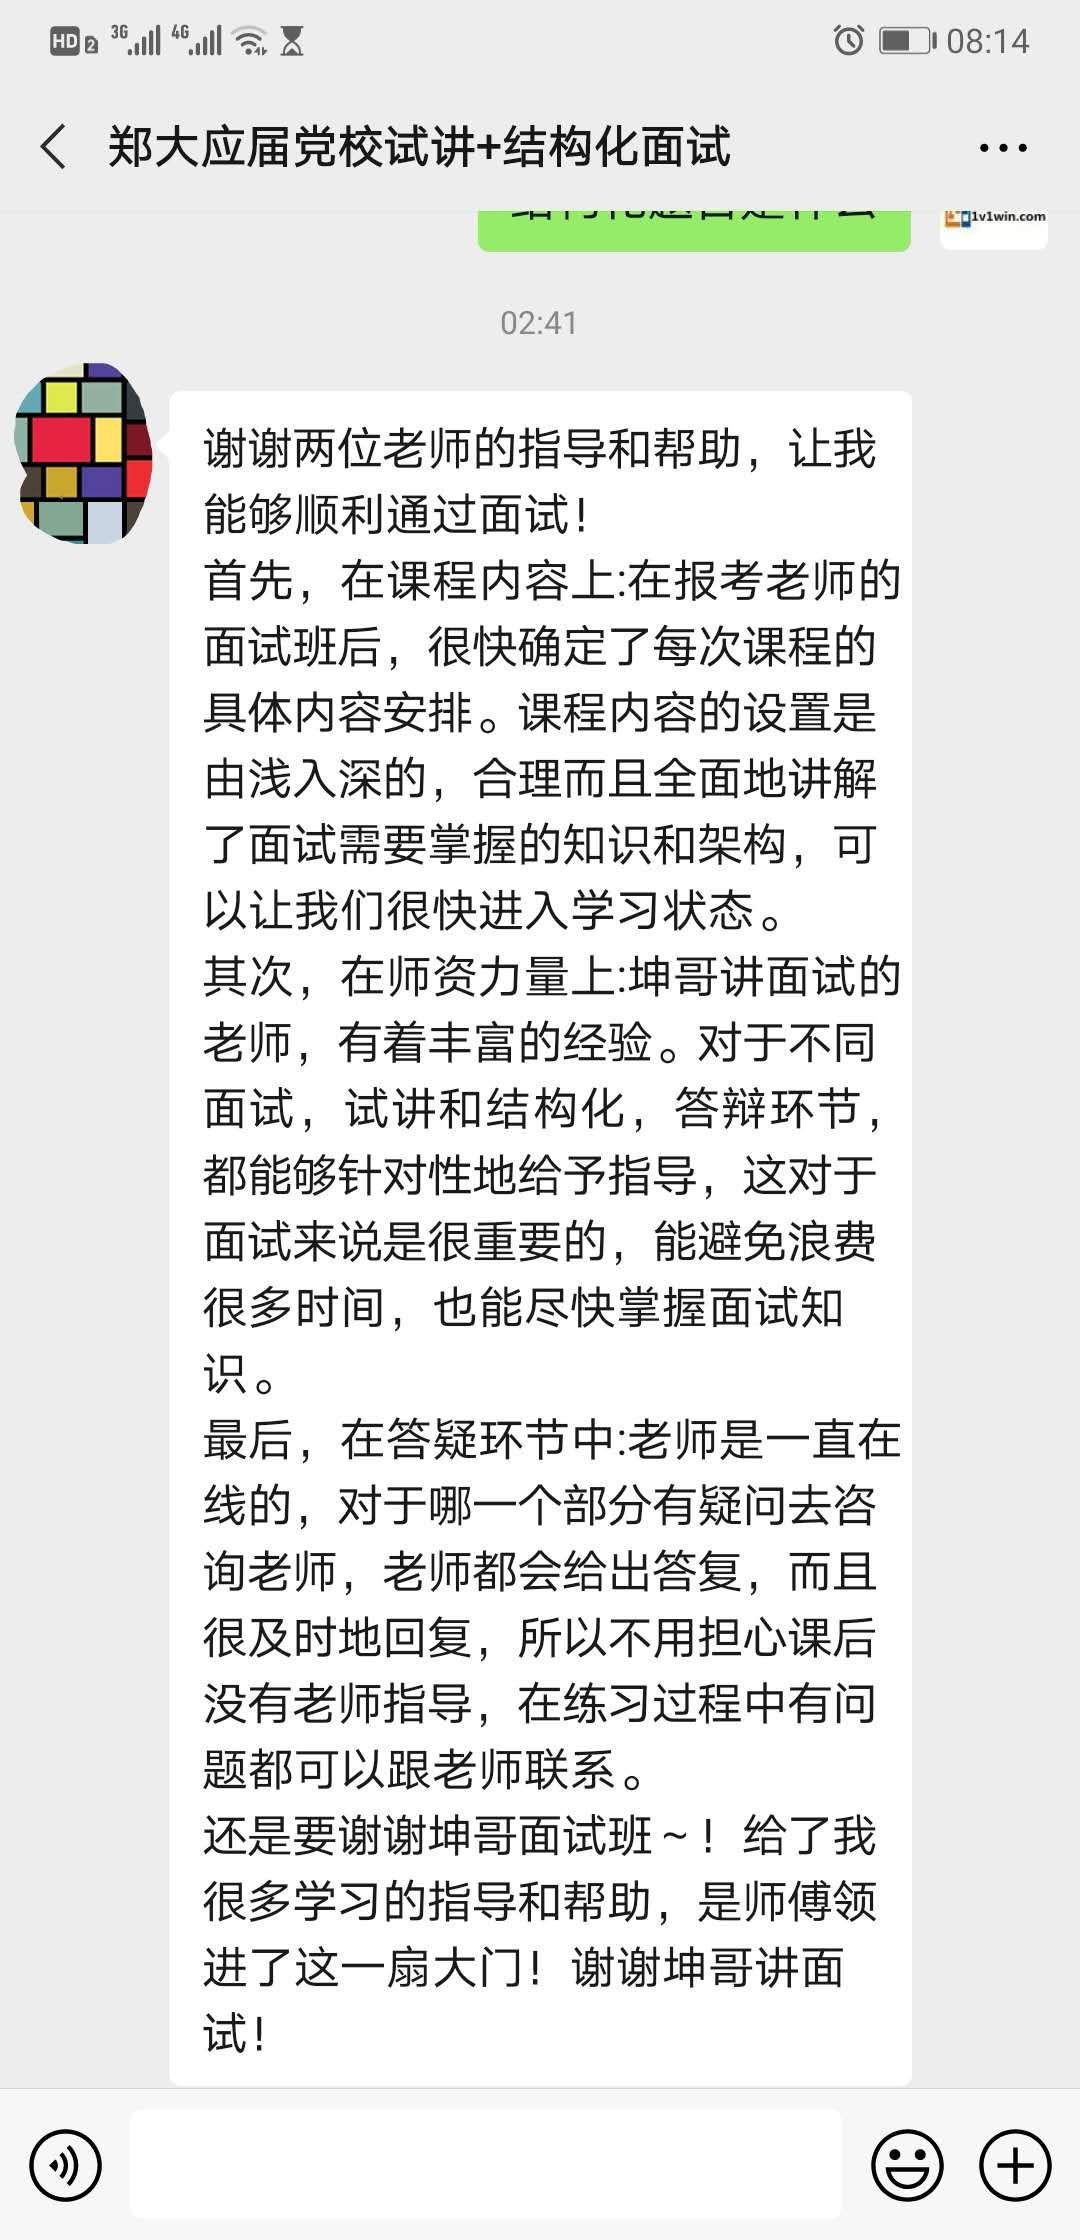 临汾党校教师招聘(图1)